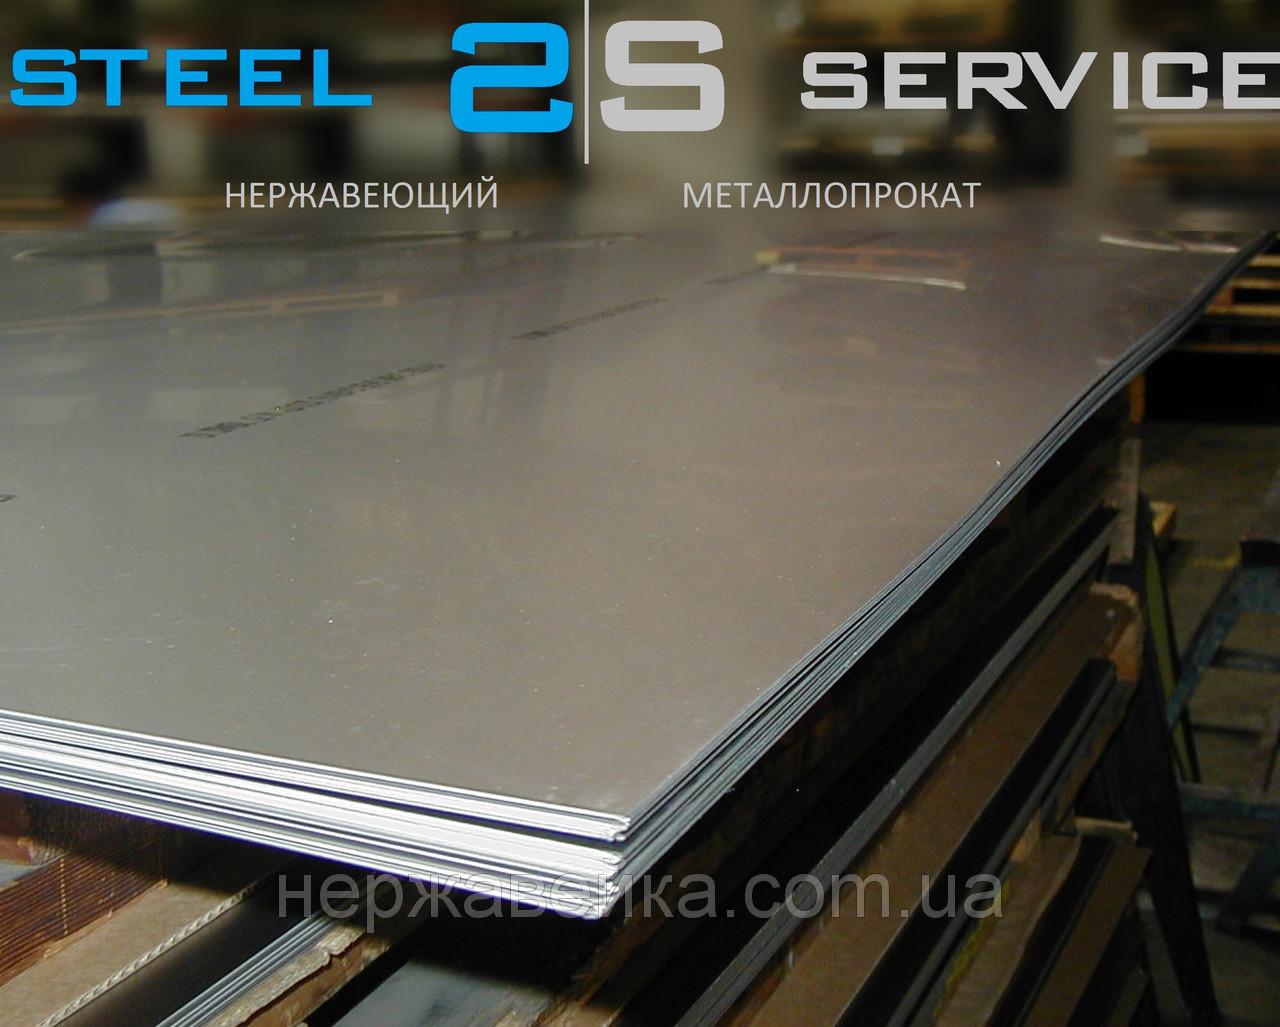 Нержавеющий лист 20х1500х6000мм  AISI 304(08Х18Н10) F1 - горячекатанный,  пищевой